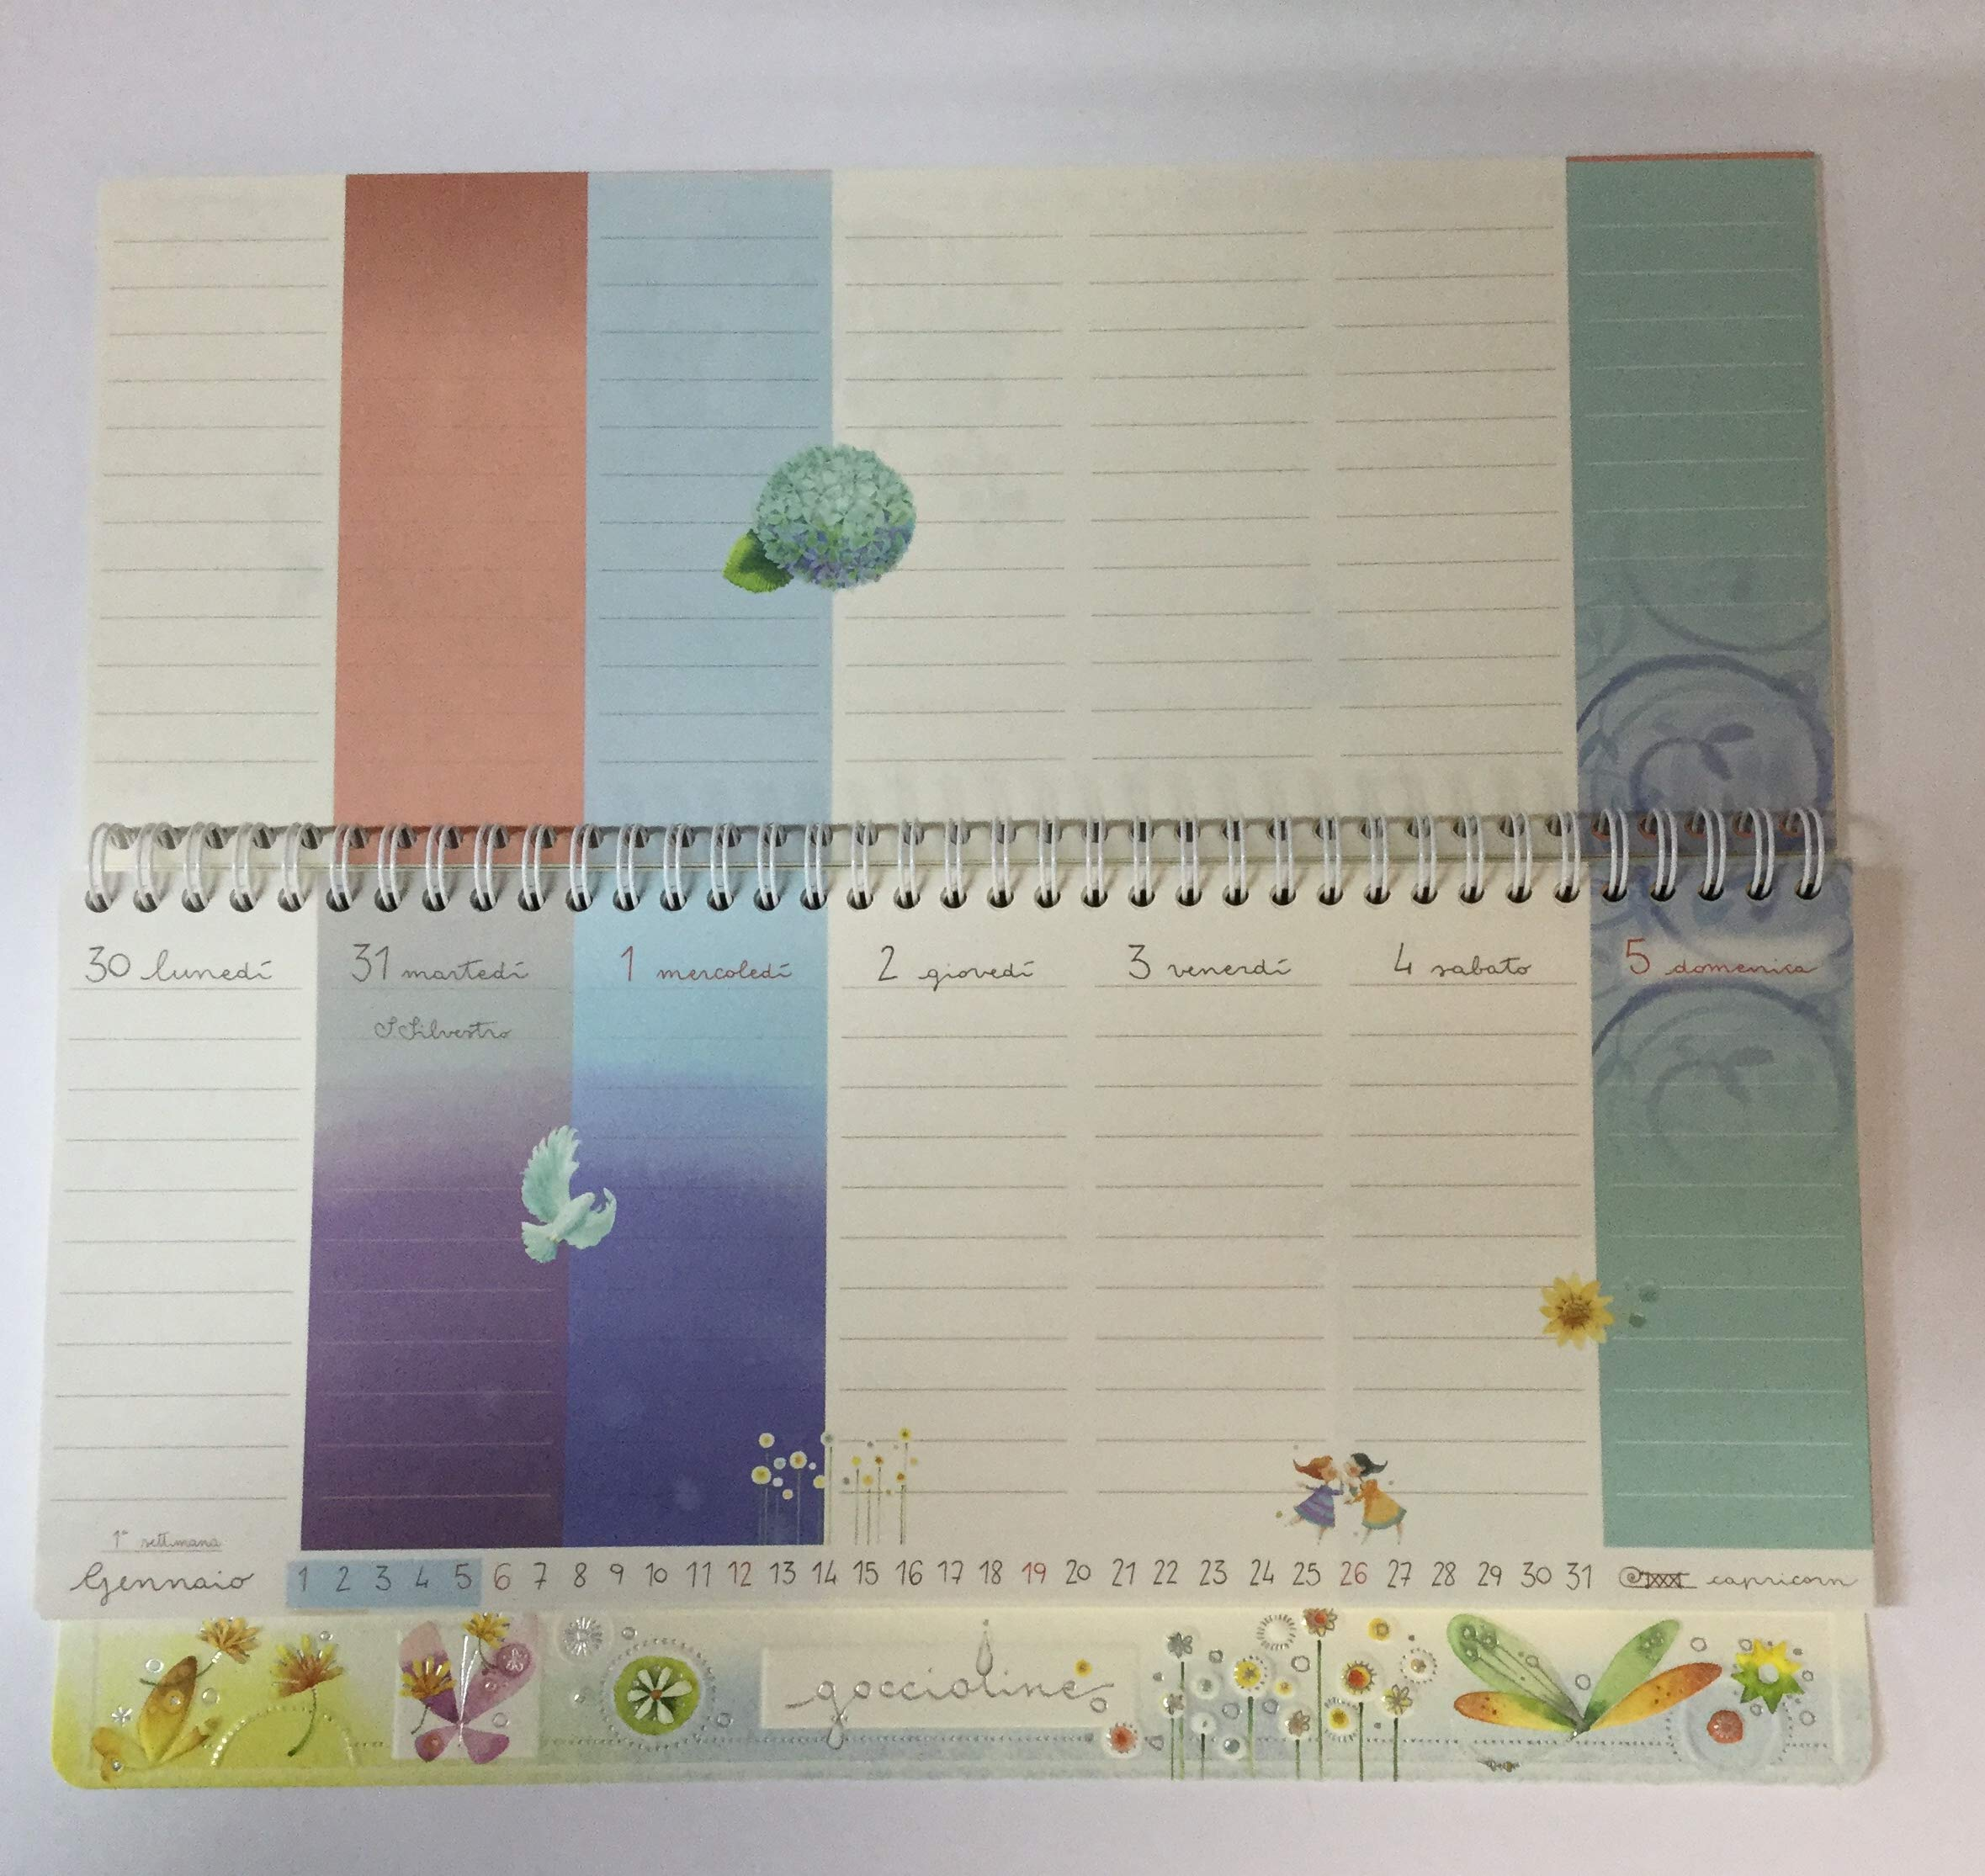 Goccioline Calendario.Calendario Tavolo Goccioline 2020 14x32 Cm